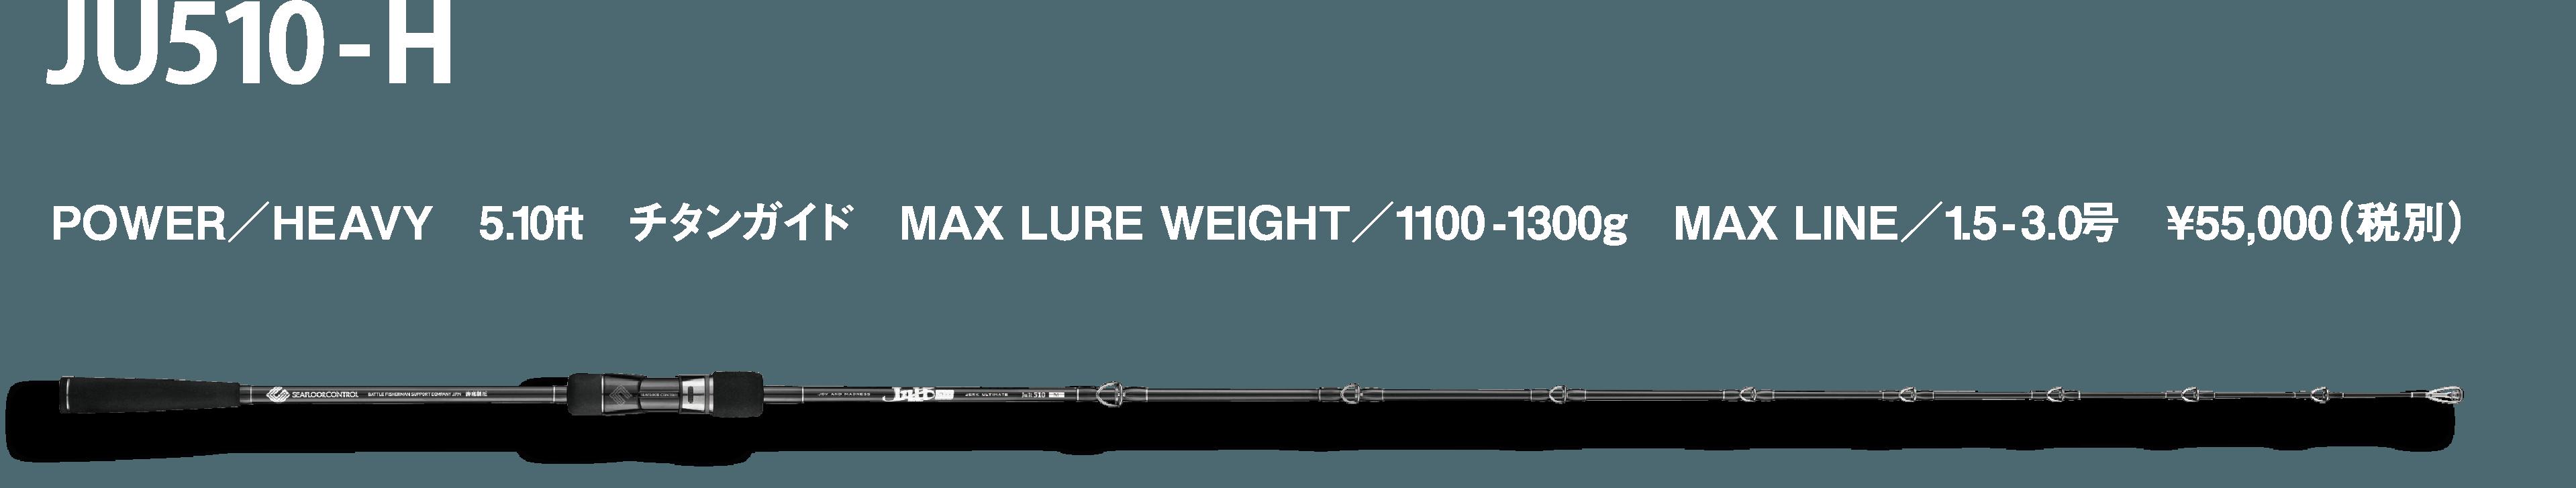 JU510-H